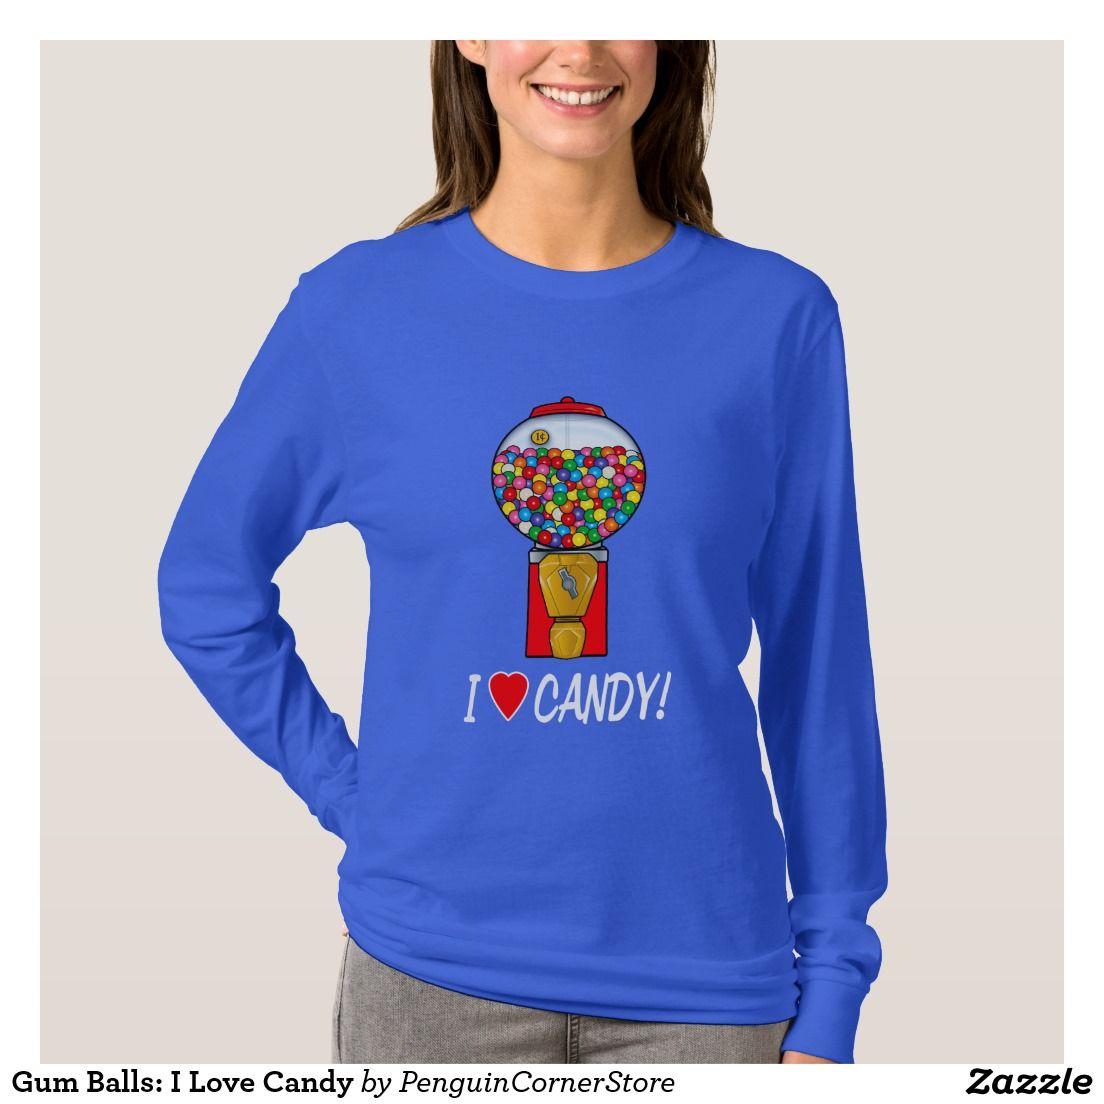 Gum Balls: I Love Candy T-Shirt